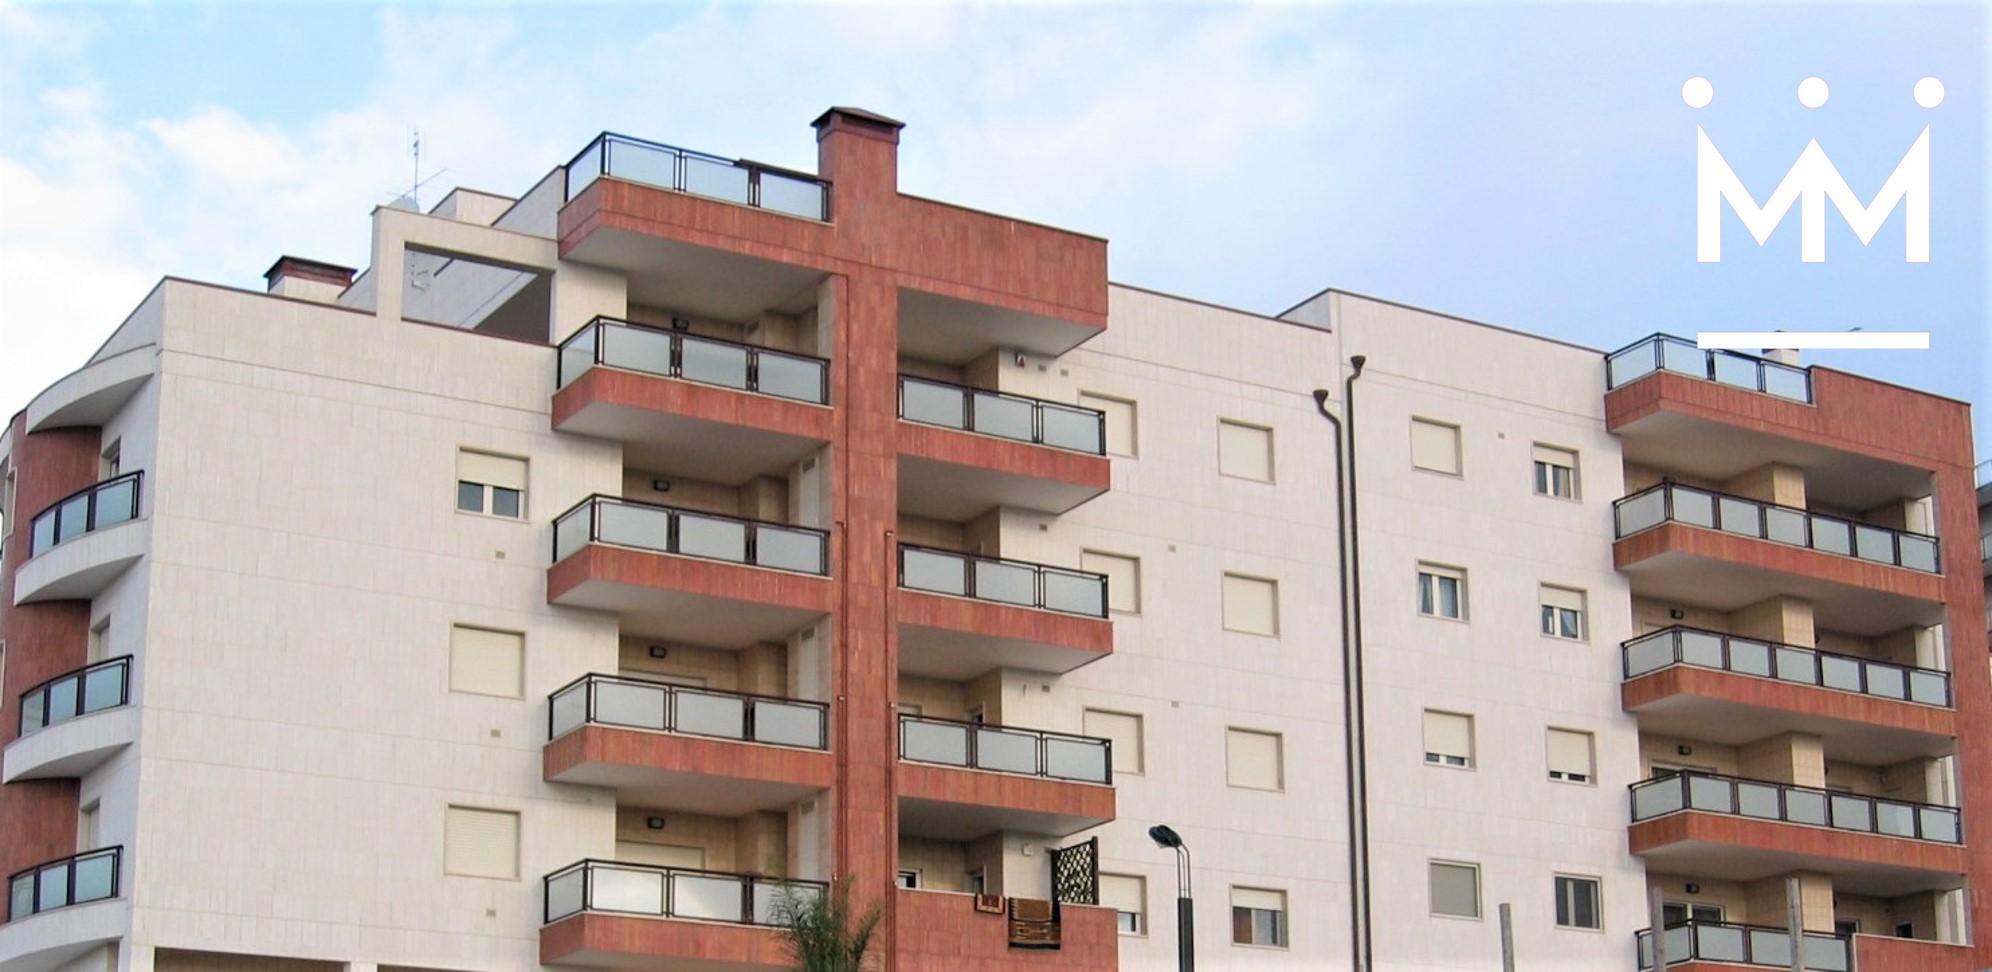 Perché scegliere un rivestimento in marmo per il tuo edificio